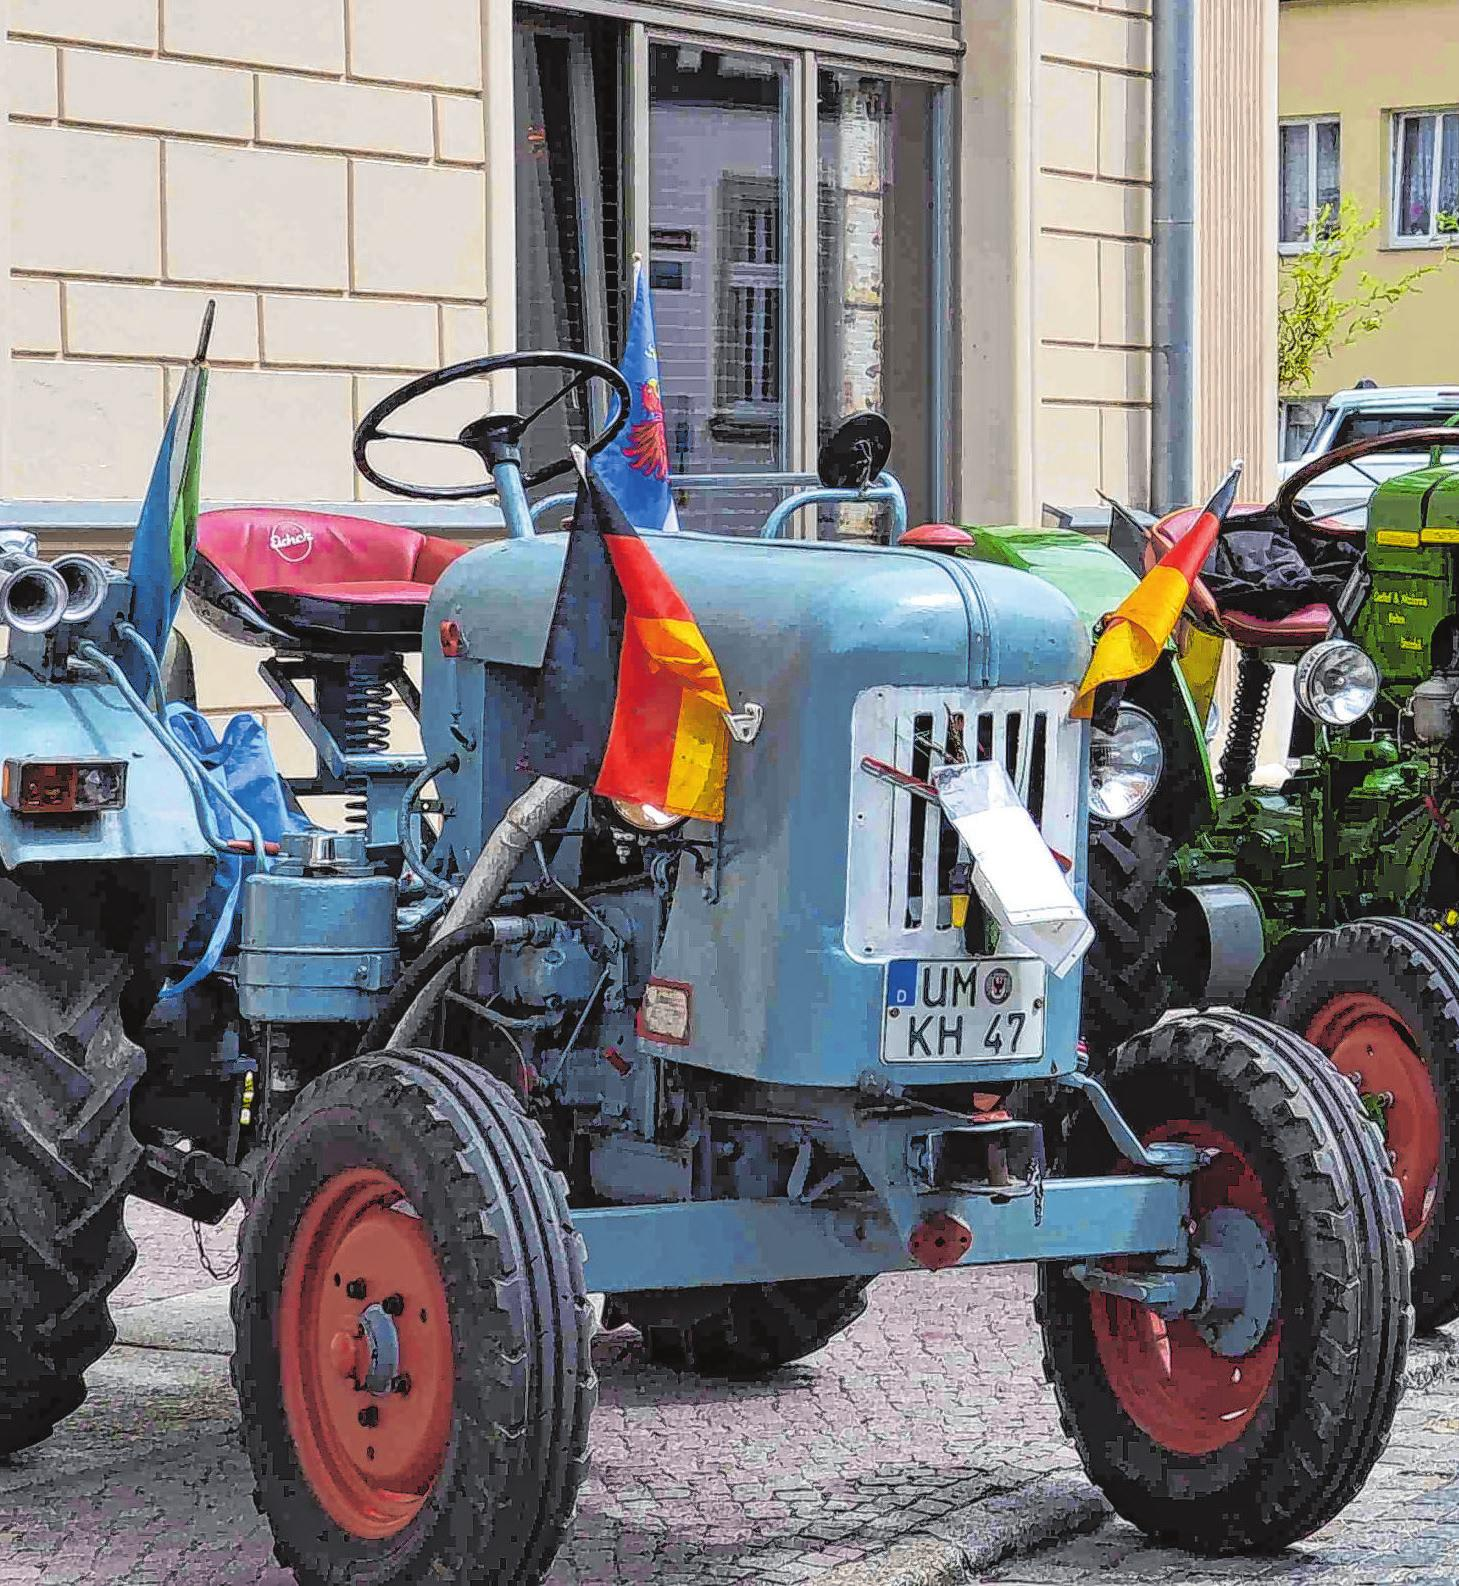 Traktormeile in der Stadt: Wer die Freiluftgalerie der Maschinen verstärken will, ist eingeladen, mit seinem Gefährt spontan zu halten. Foto: Stadt Angermünde